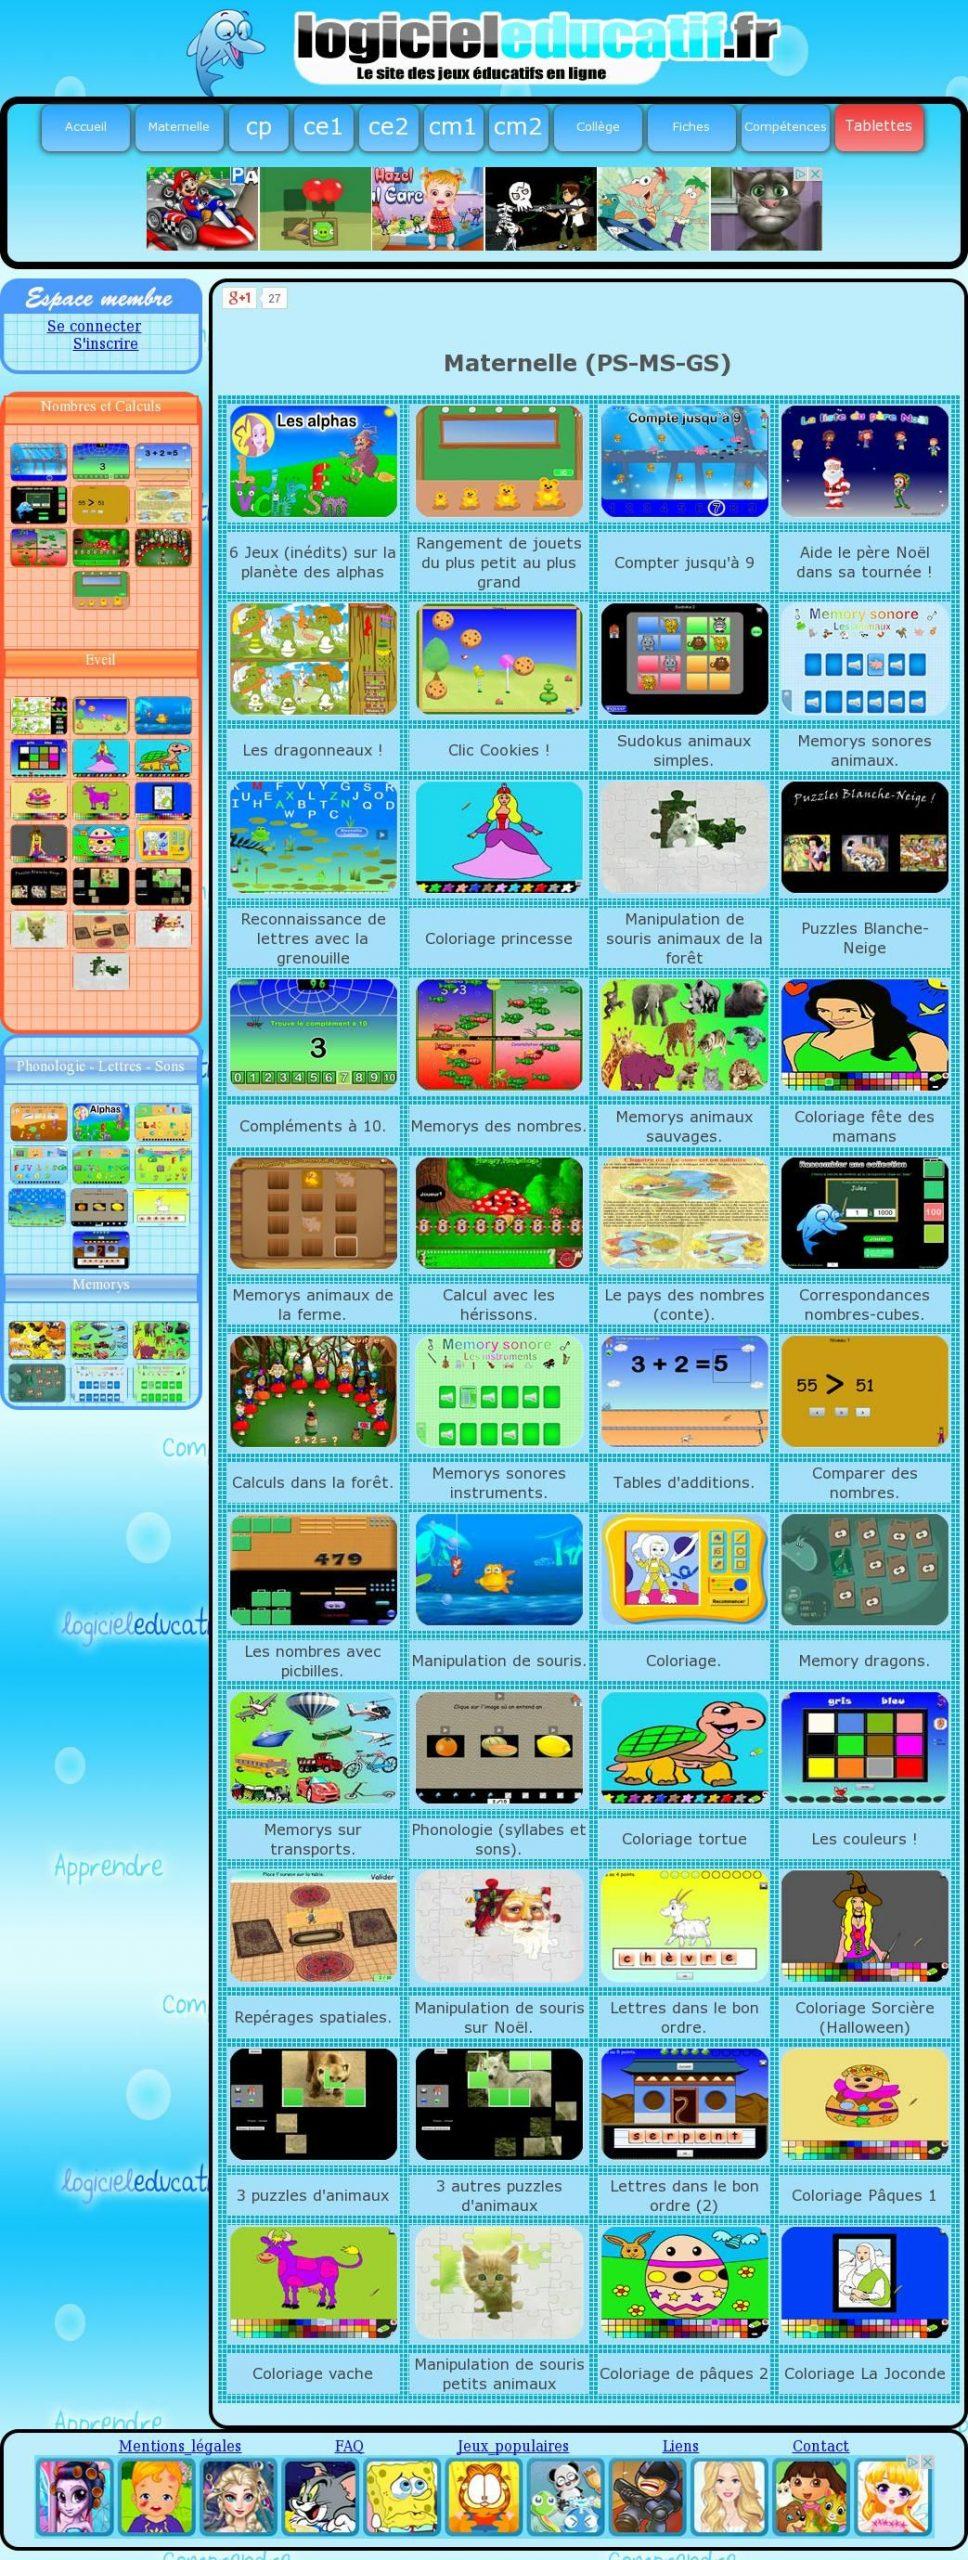 Logiciel Éducatif : Jeux Éducatifs Gratuits En Ligne De La à Jeux Maternelle En Ligne